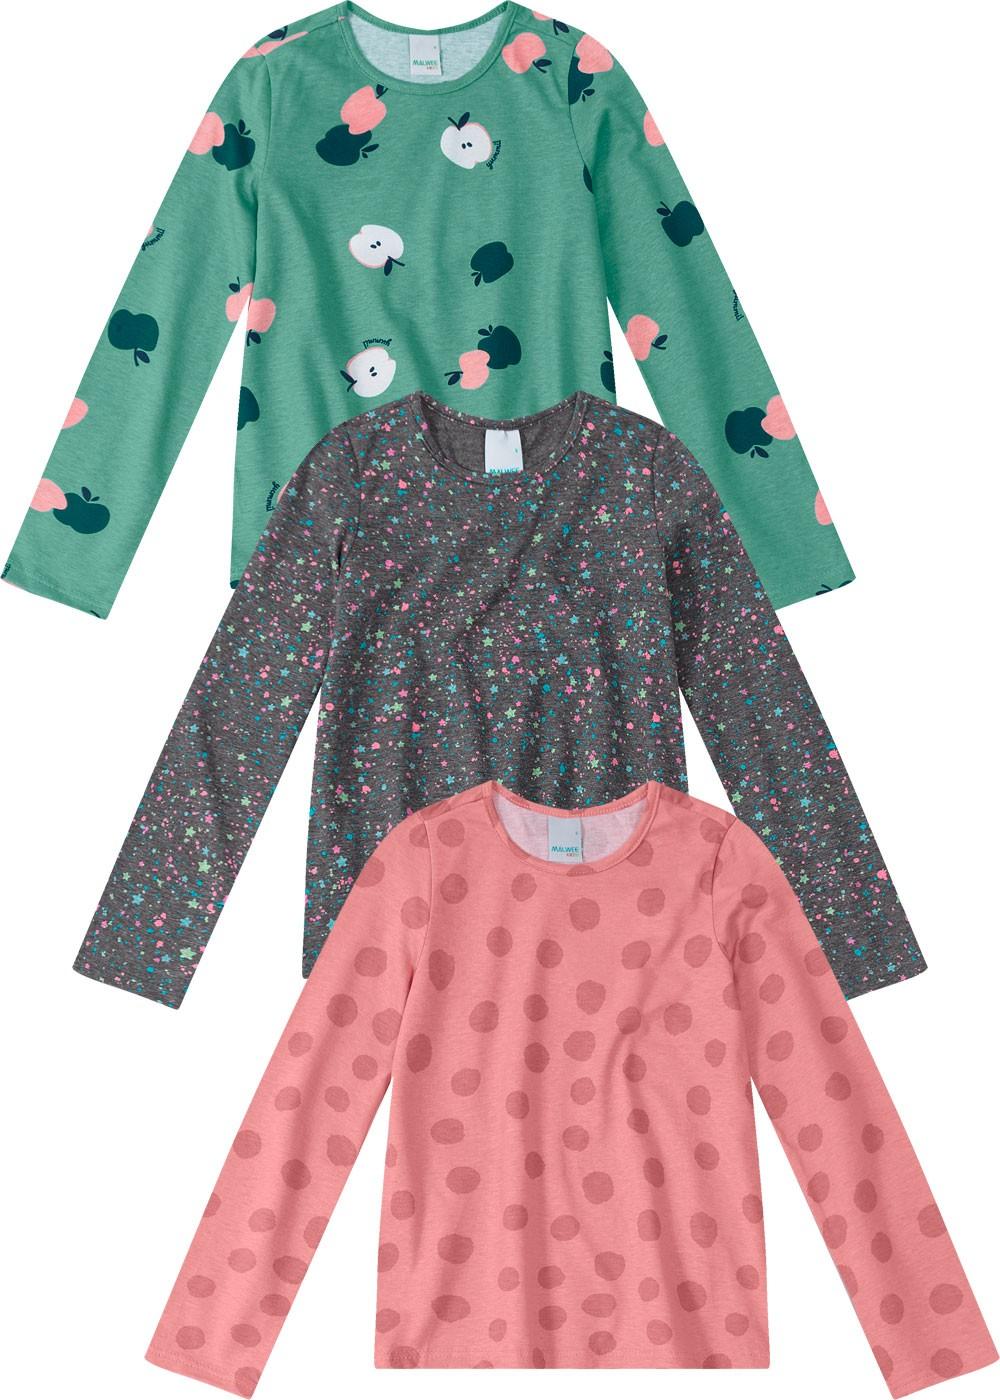 Kit 3 Blusas Infantil Feminina Estampadas Inverno Malwee